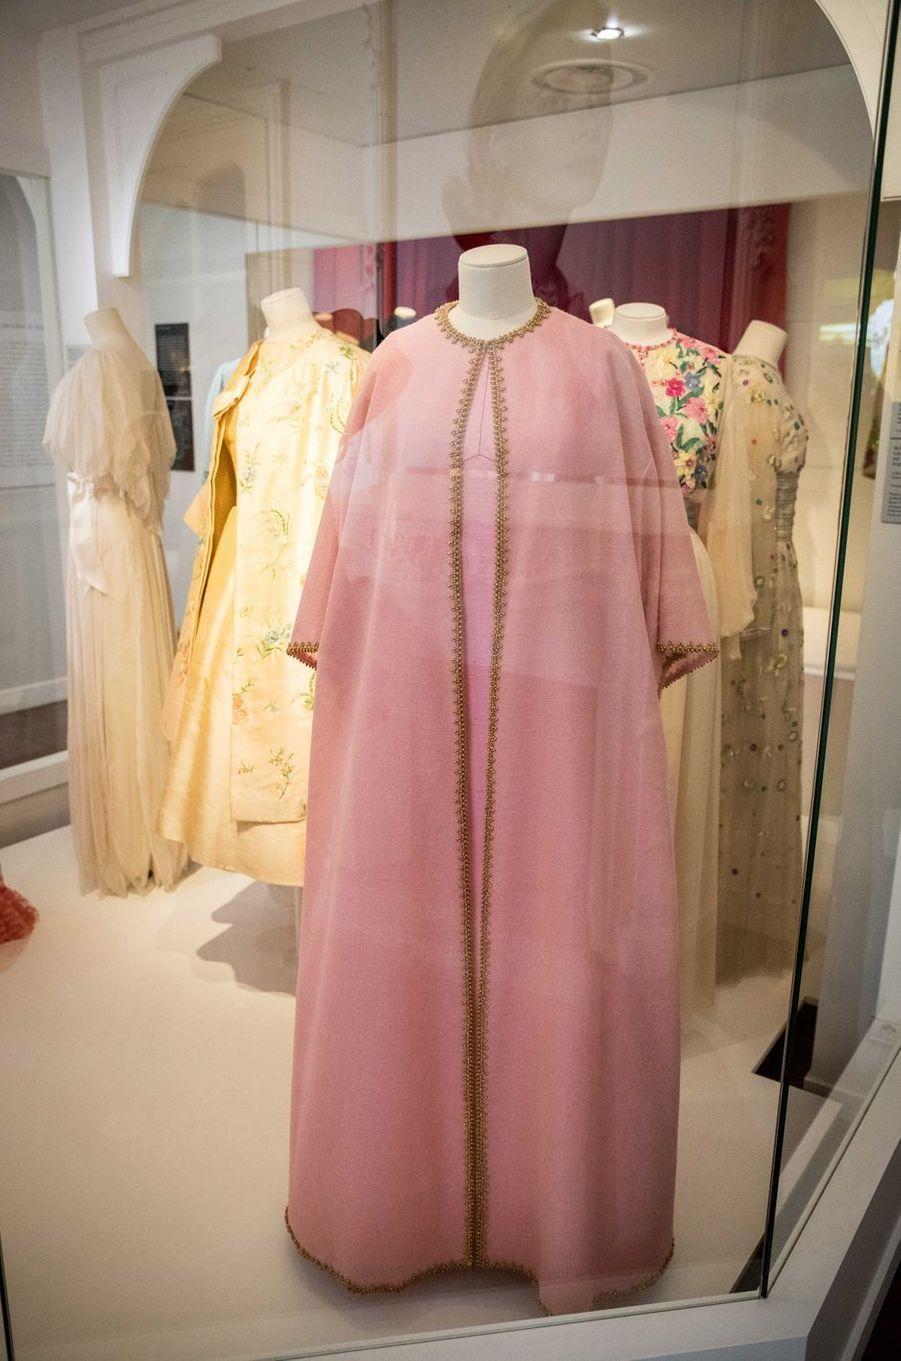 Au premier plan : ensemble du soir Christian Dior par Marc Bohan haute couture printemps-été 1968 de la princesse Grace de Monaco (collection Palais princier de Monaco), lors de l'exposition à Granville le 25 avril 2019